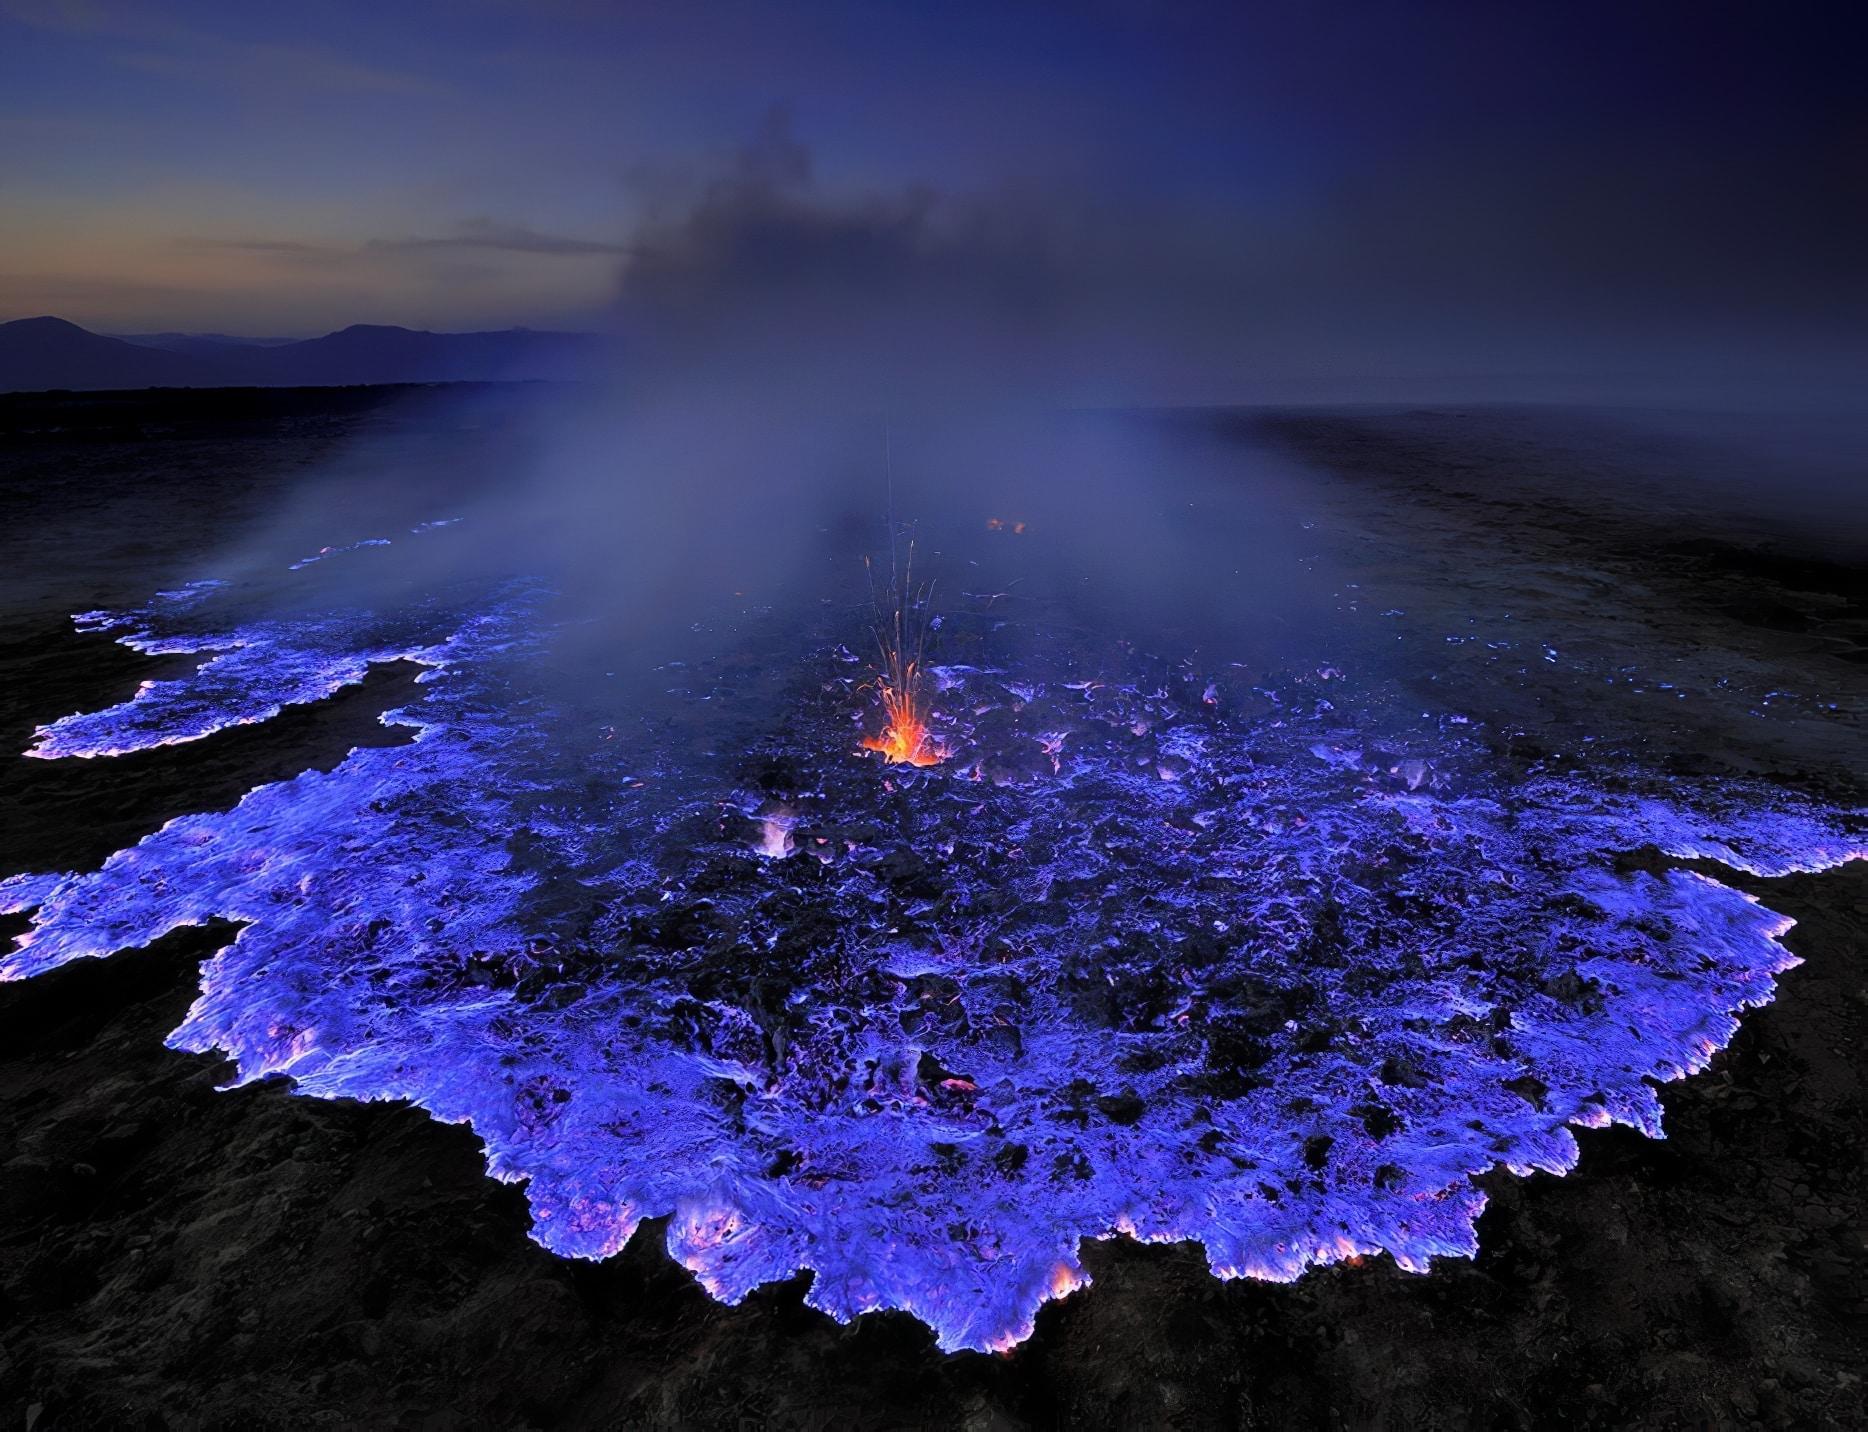 37 phénomènes naturels incroyables dans le monde